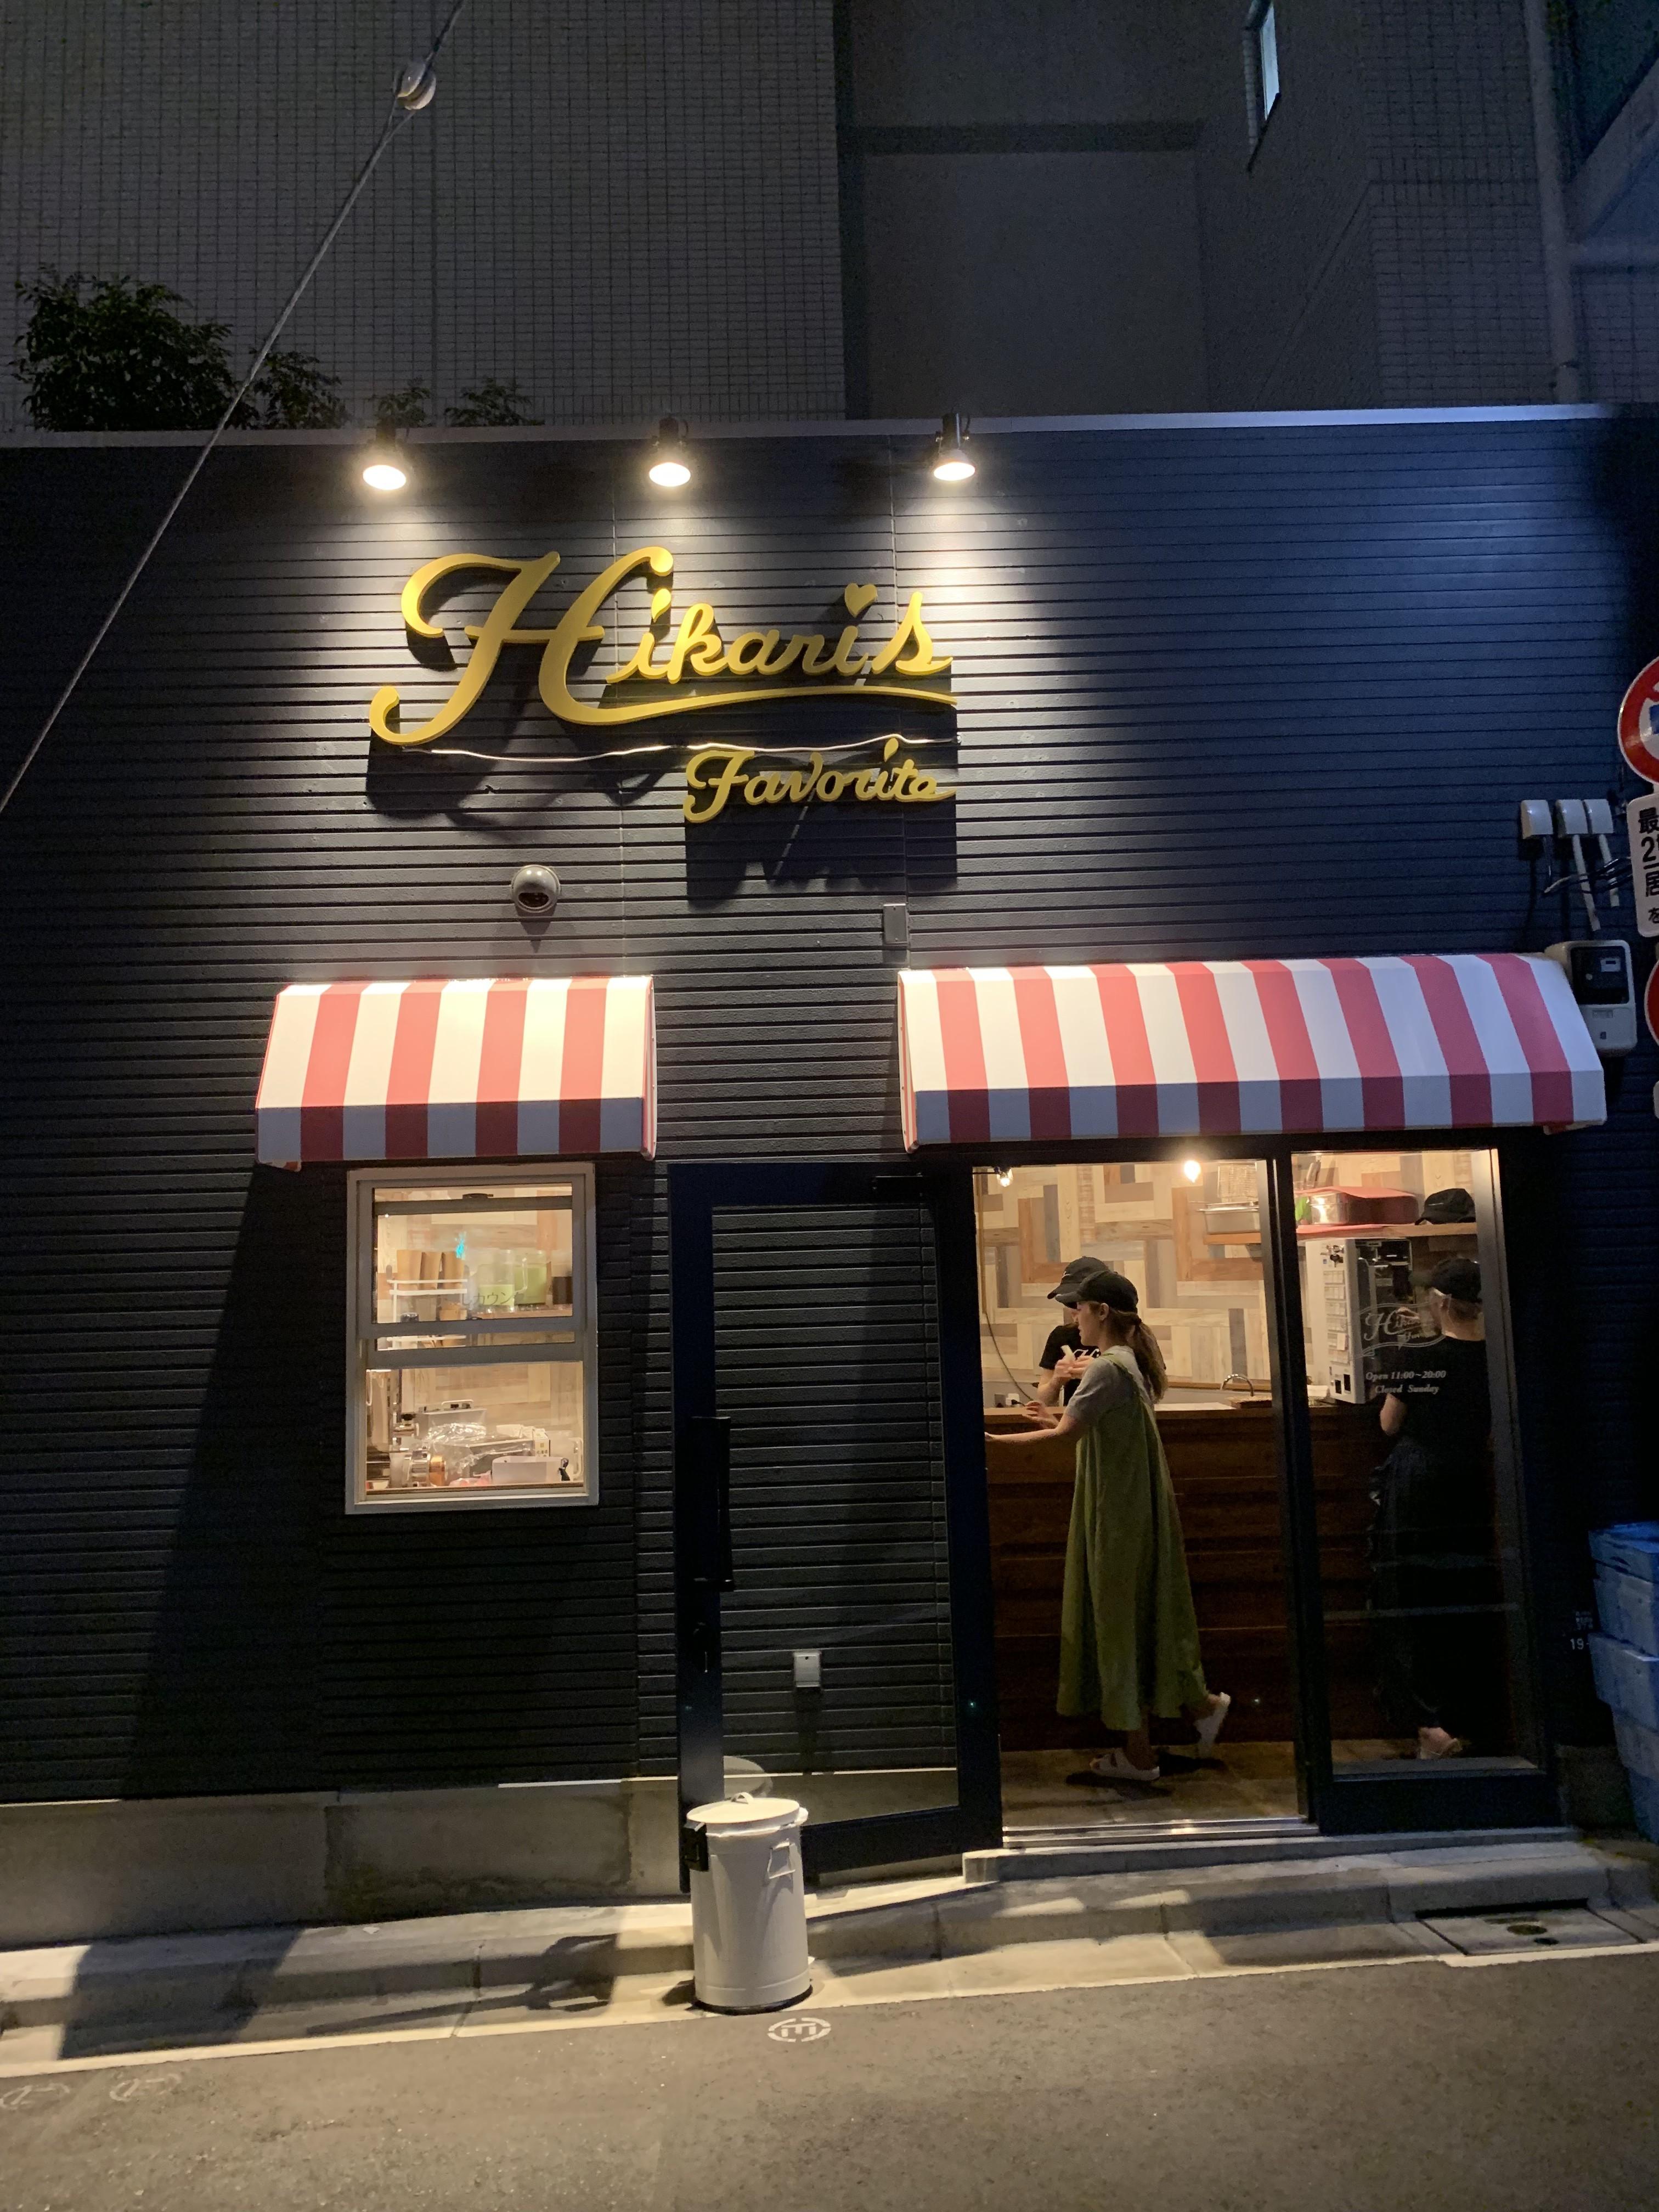 【五反田】Hikari's Favorite/香の跡地に入ったハート型タピオカドリンク店。行列時を捌く工夫が課題ですが、フォトジェニックの勝利。